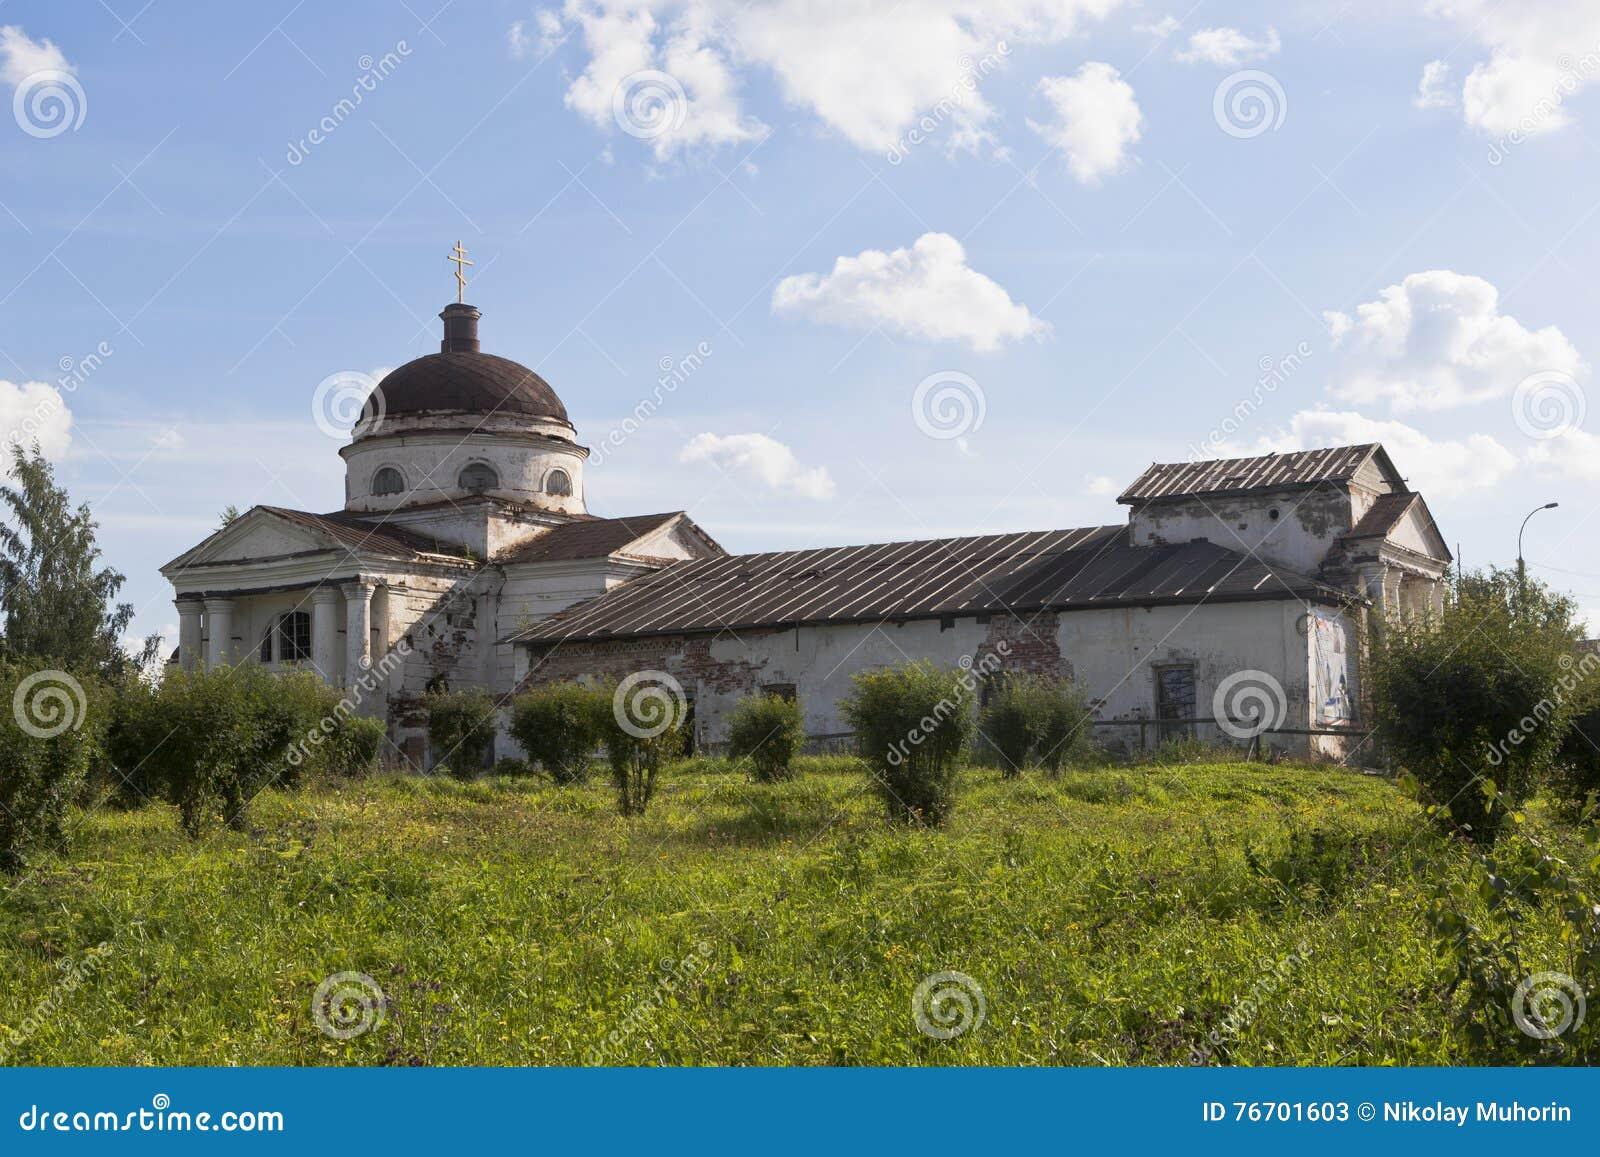 Kazan Kathedraal in de stad van Kirillov, Vologda-gebied